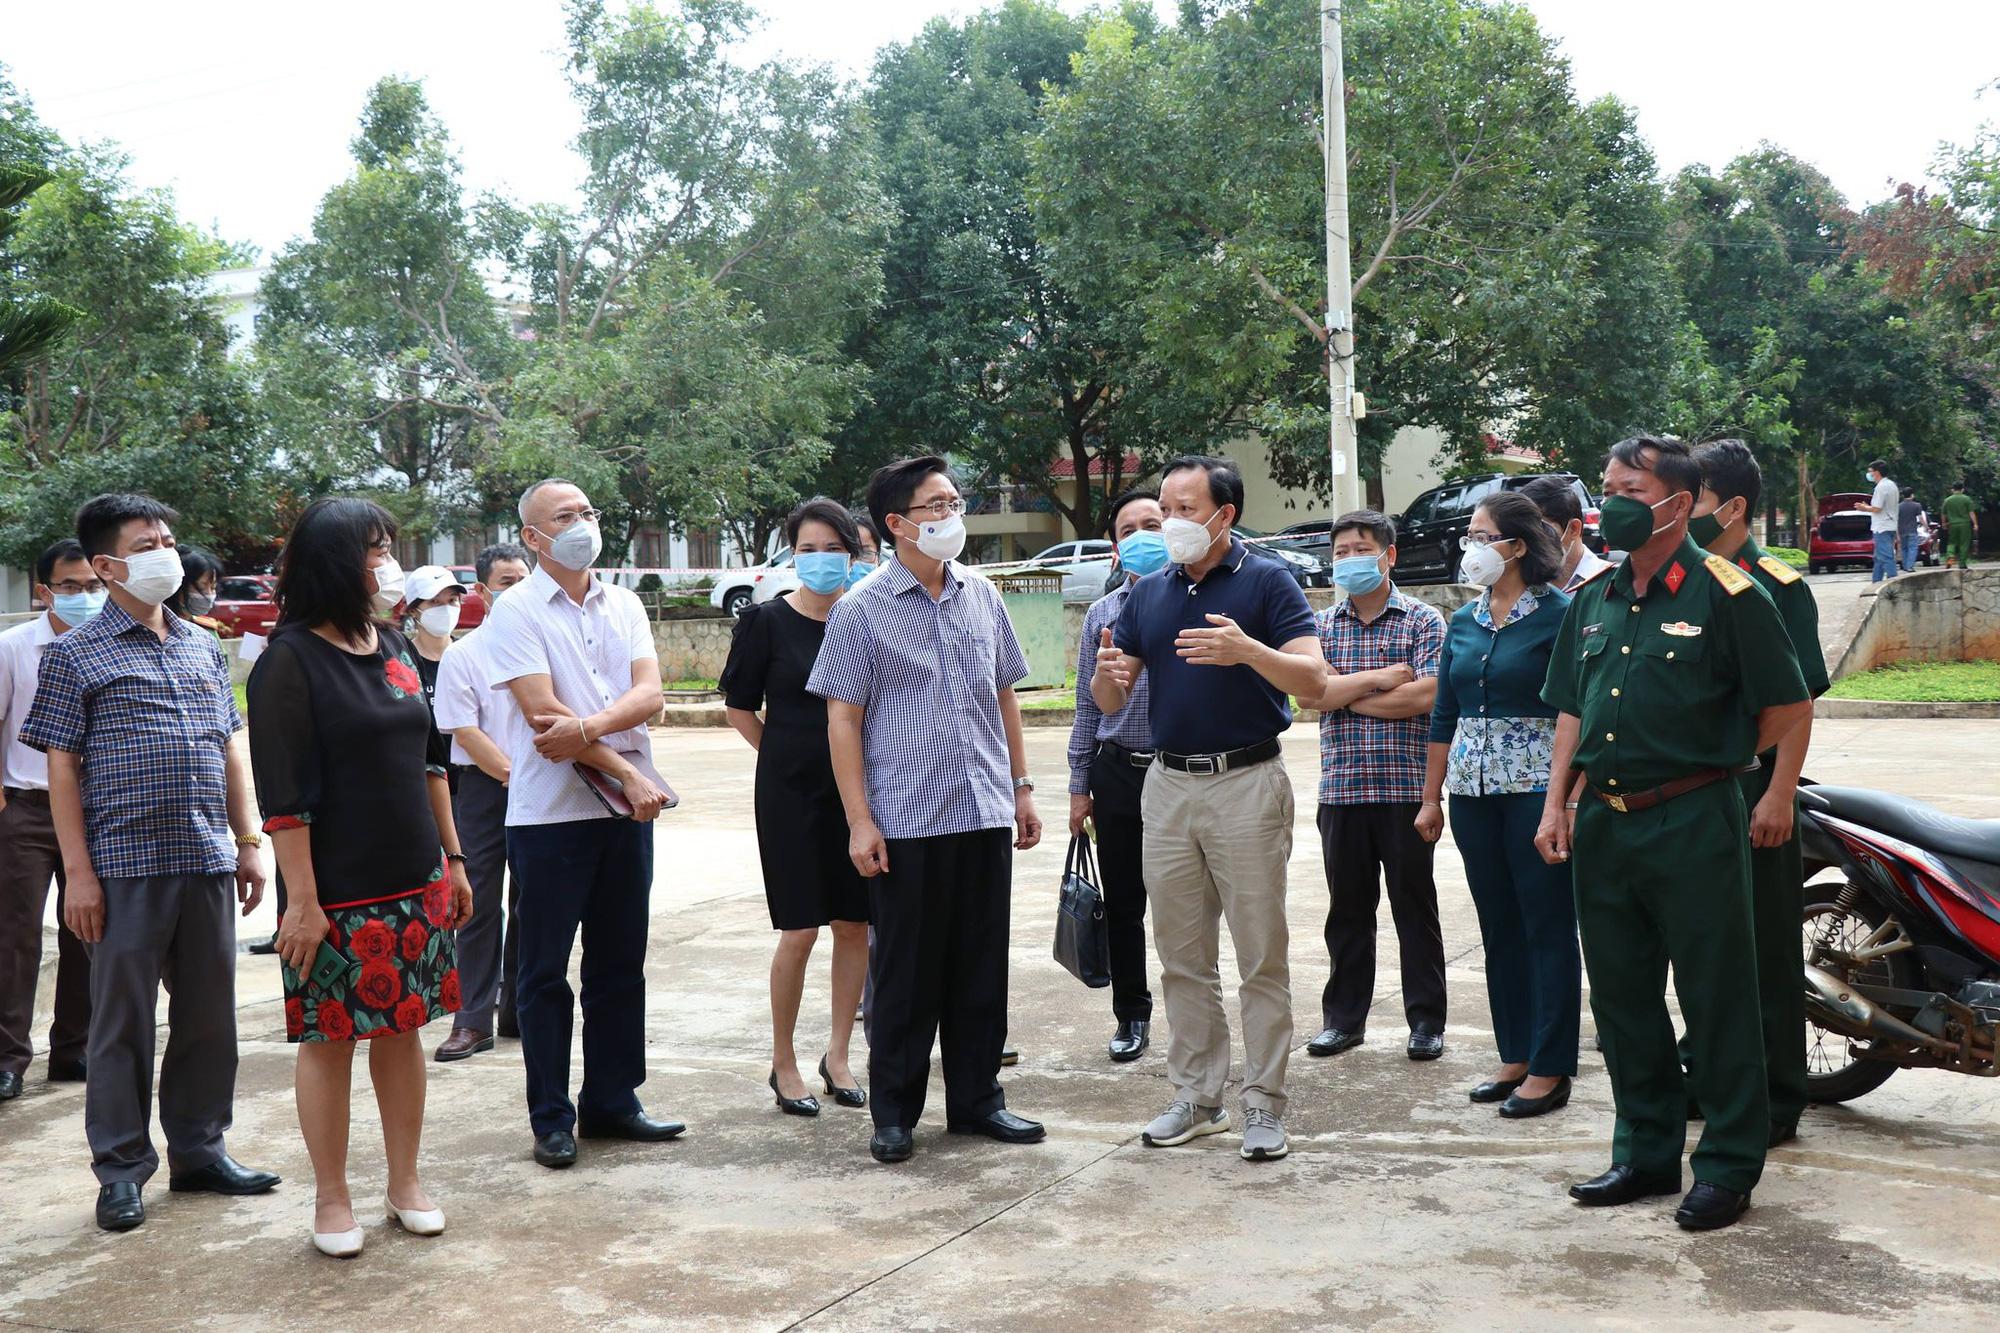 Đắk Lắk: Thêm 24 ca dương tính SARS-CoV-2 trong đó có nhiều trẻ em, hàng ngàn người vẫn đổ về địa phương - Ảnh 1.